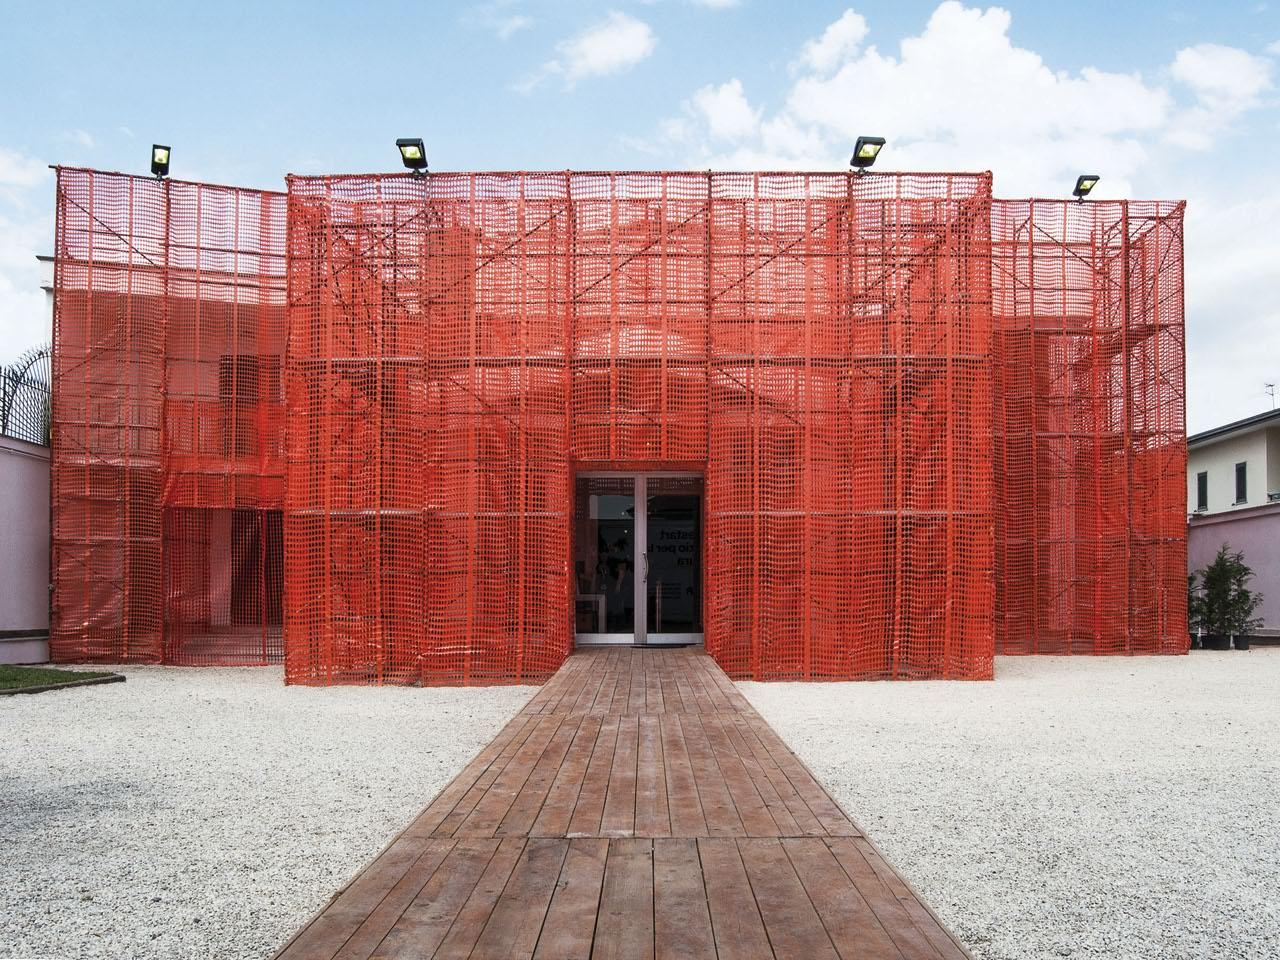 Biennale di architettura di venezia l anteprima for Biennale di architettura di venezia